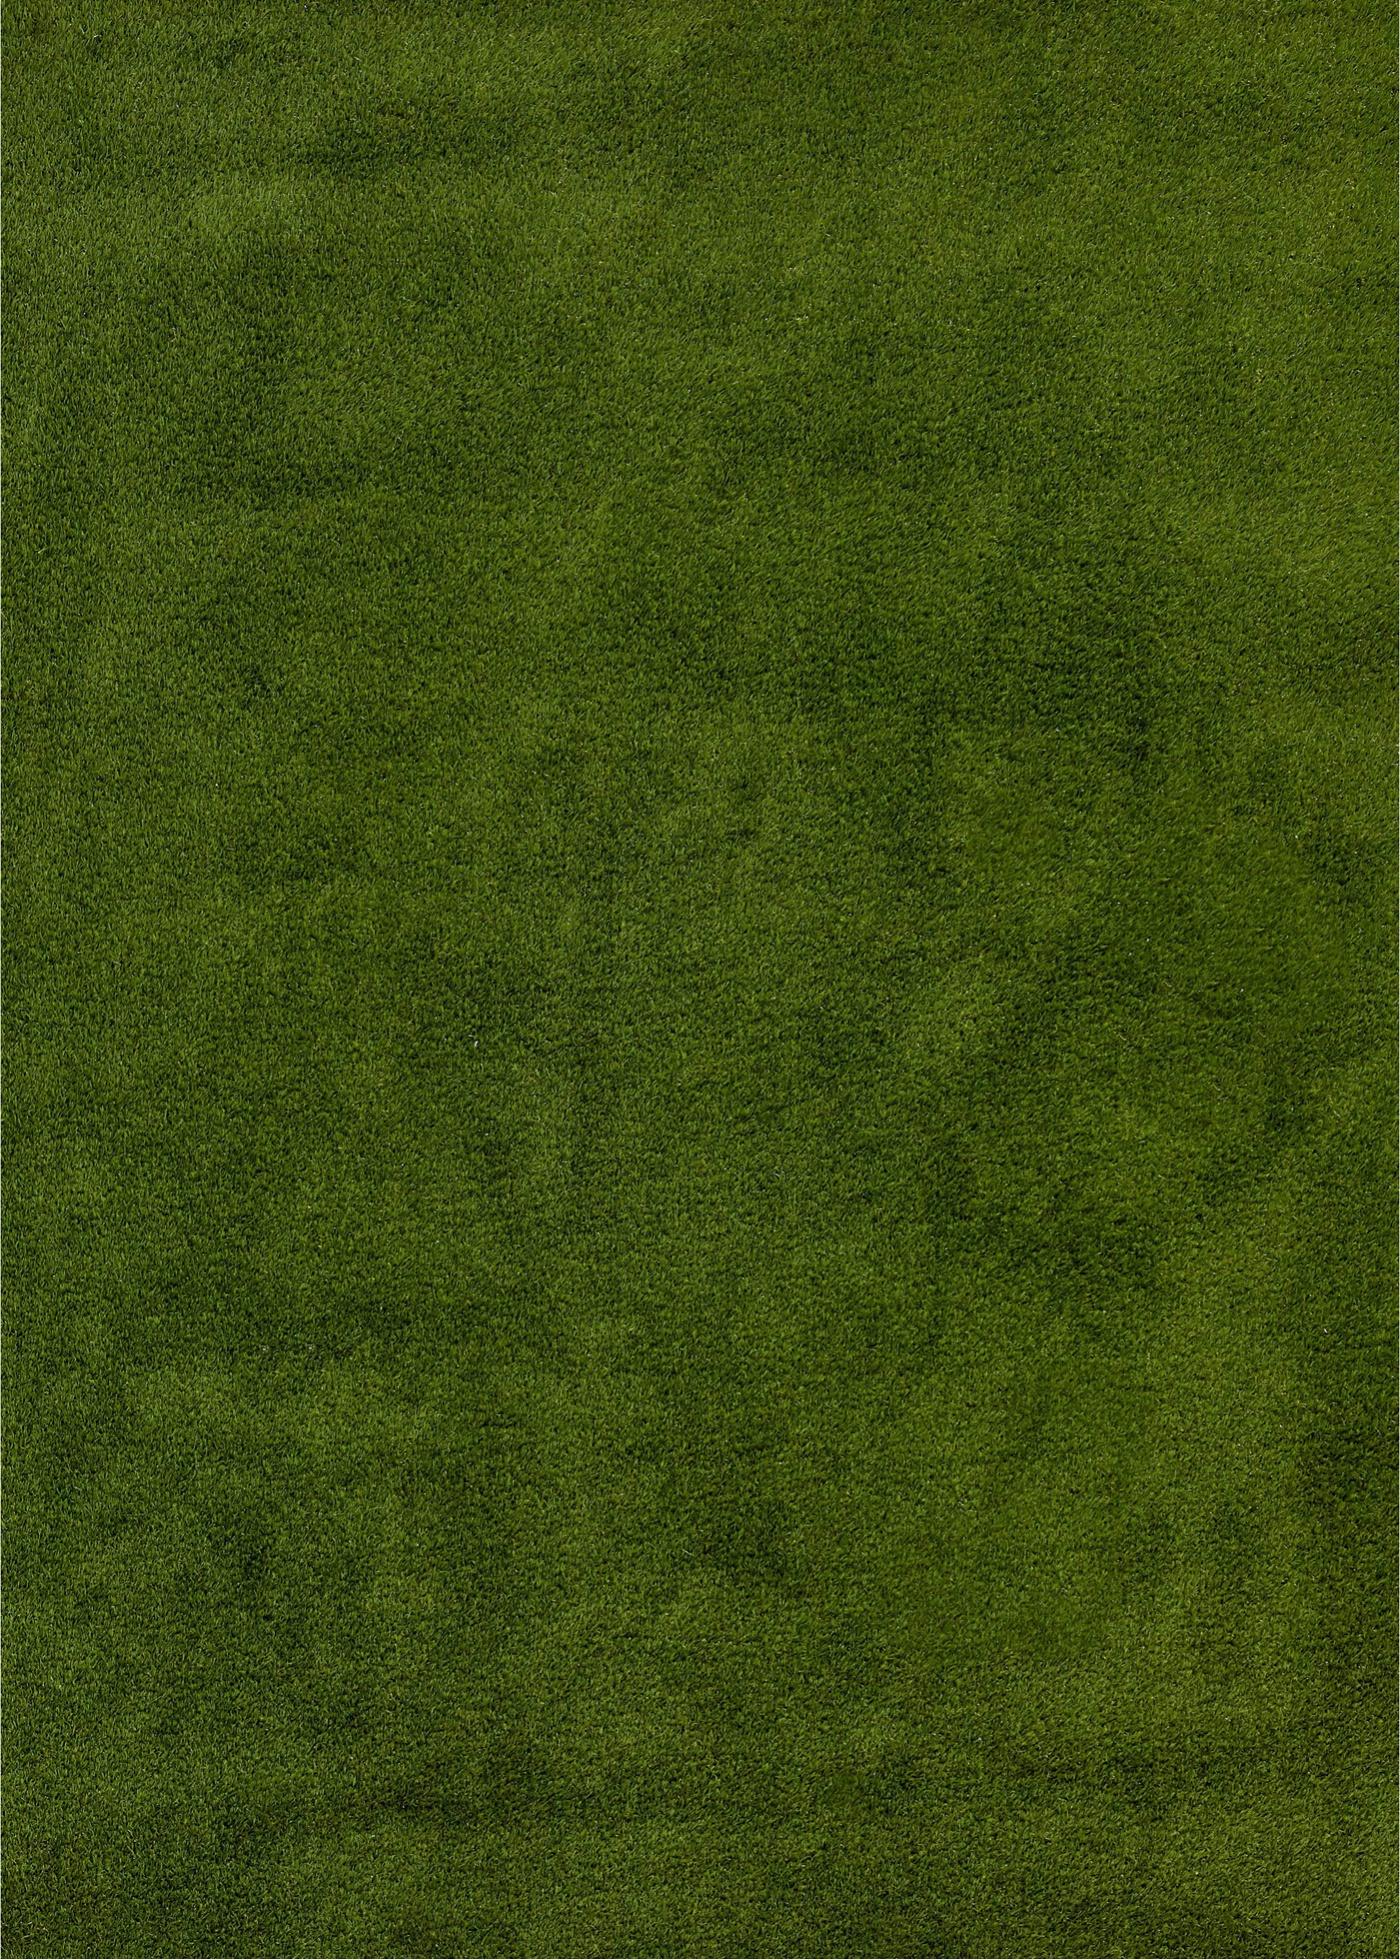 Image of Premium Kunstrasen Teppich